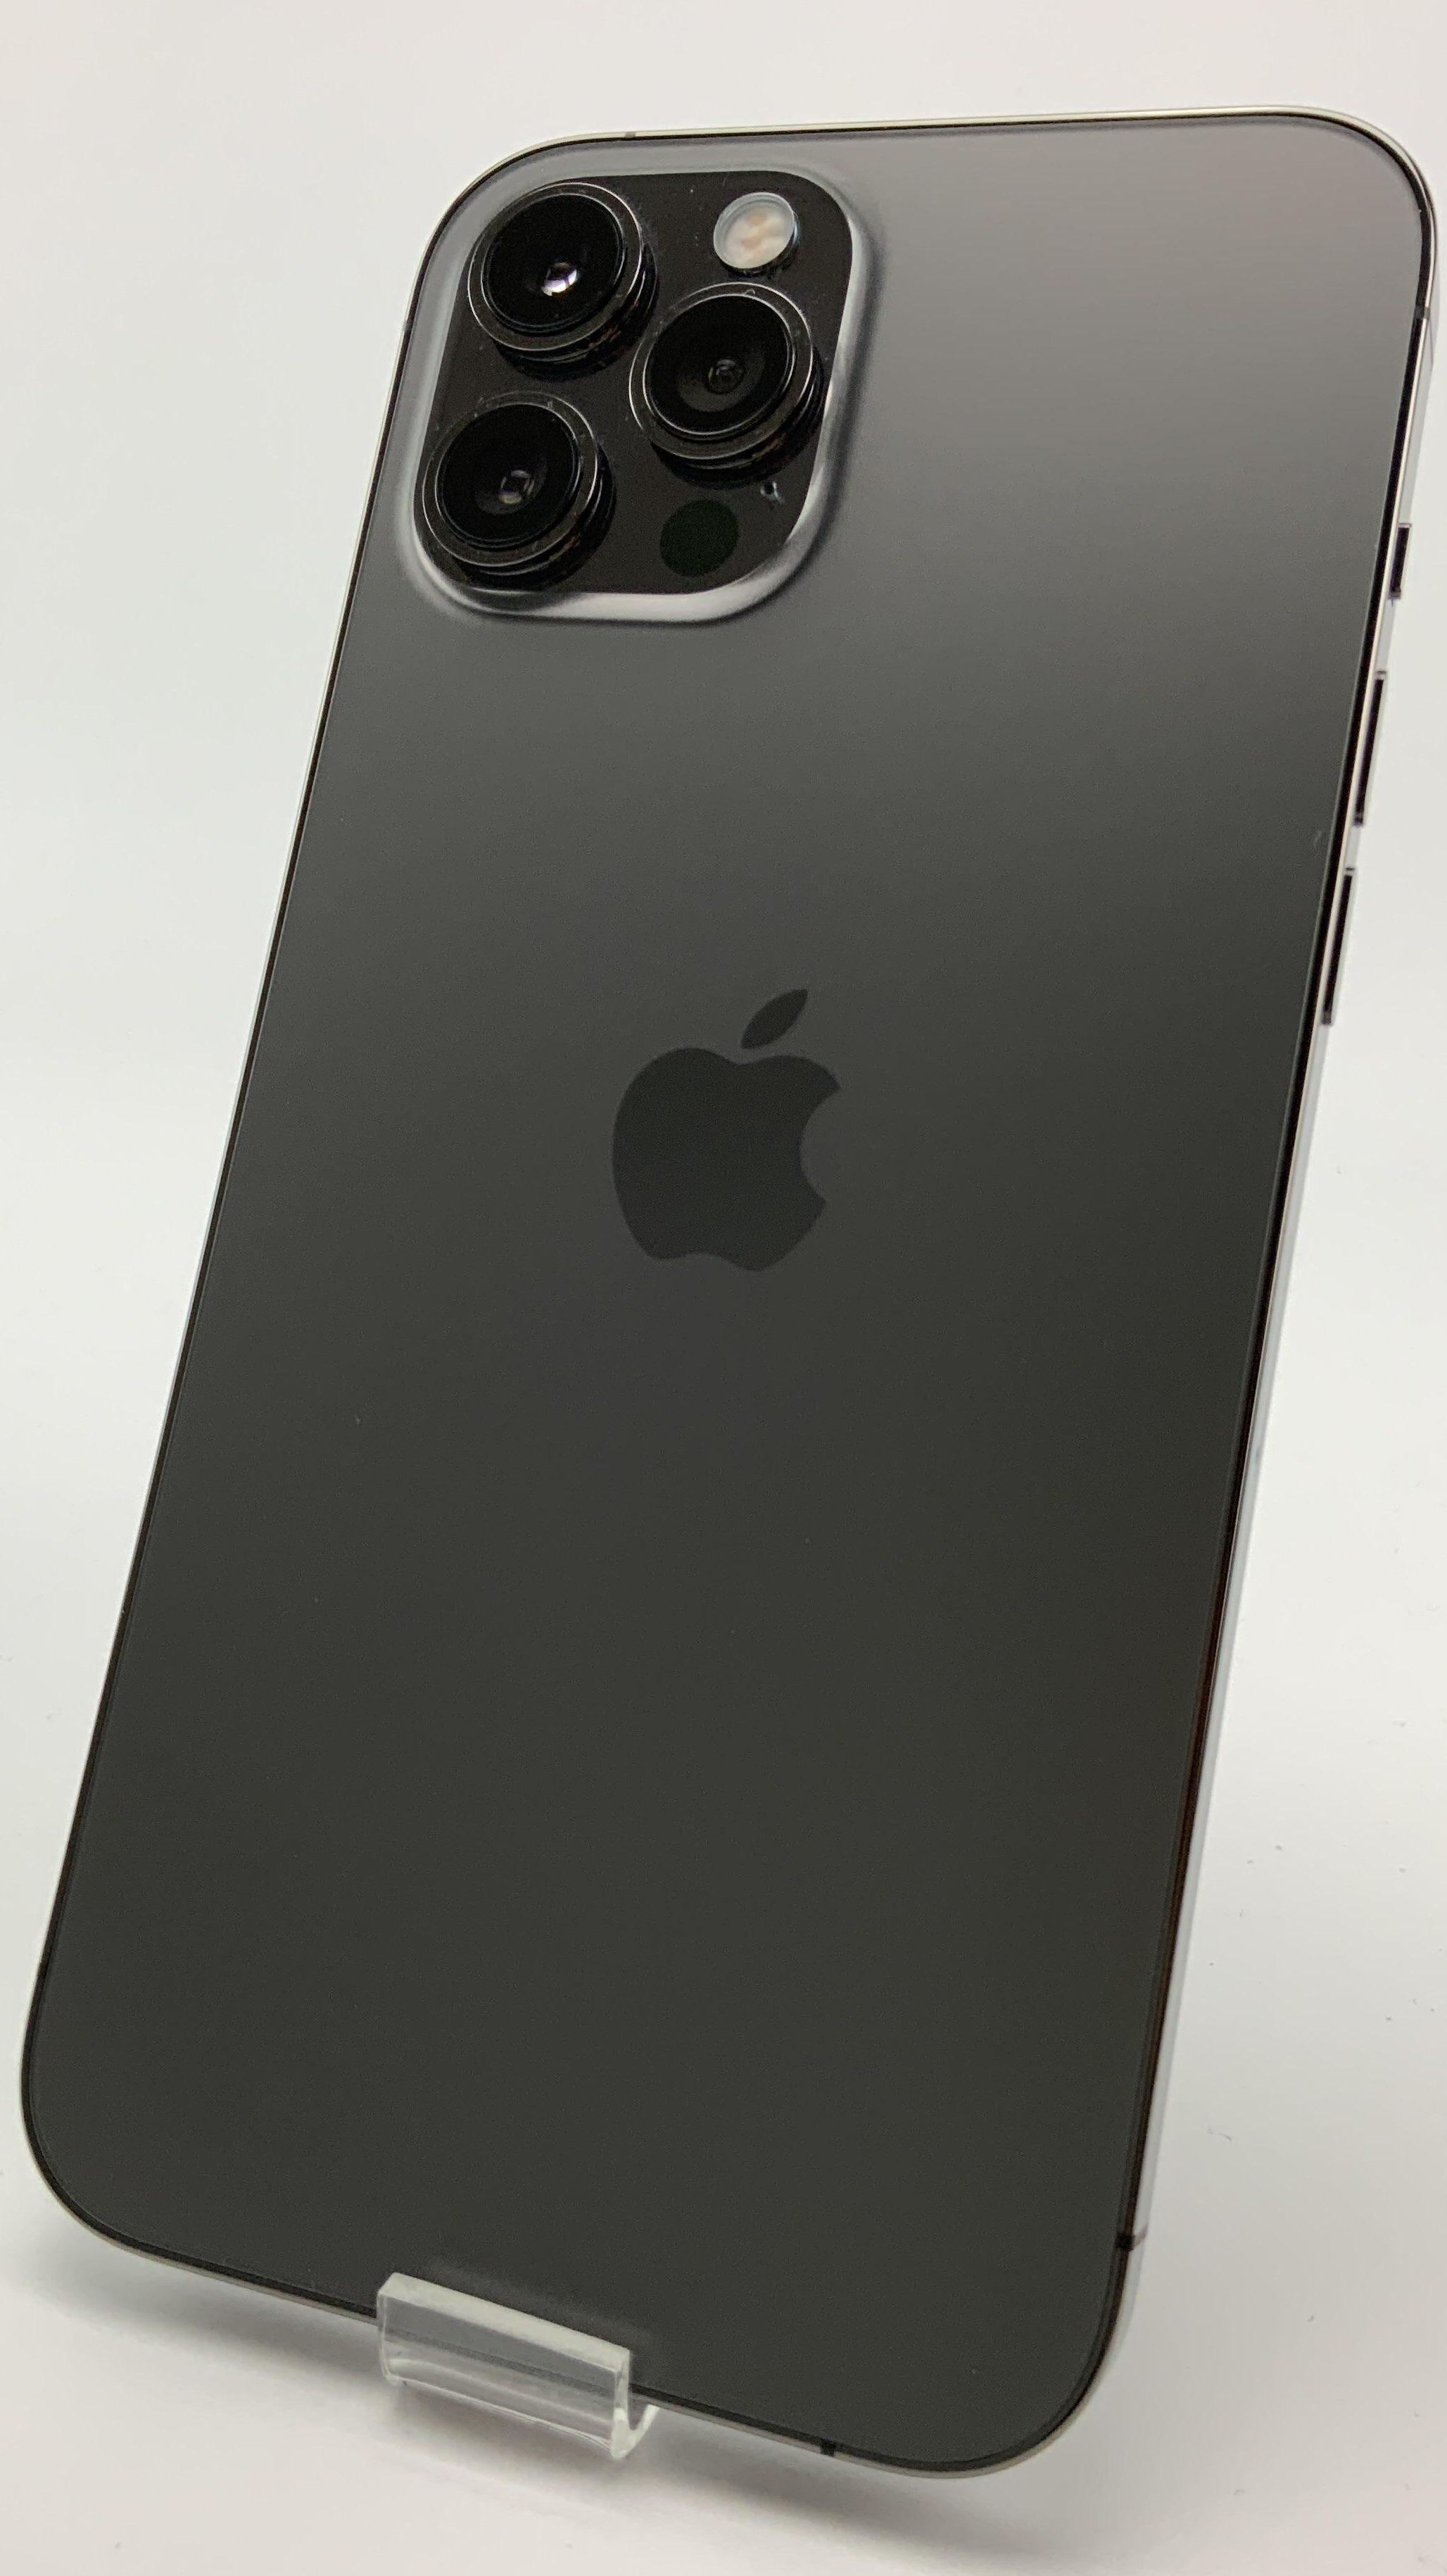 iPhone 12 Pro Max 512GB, 512GB, Graphite, image 2